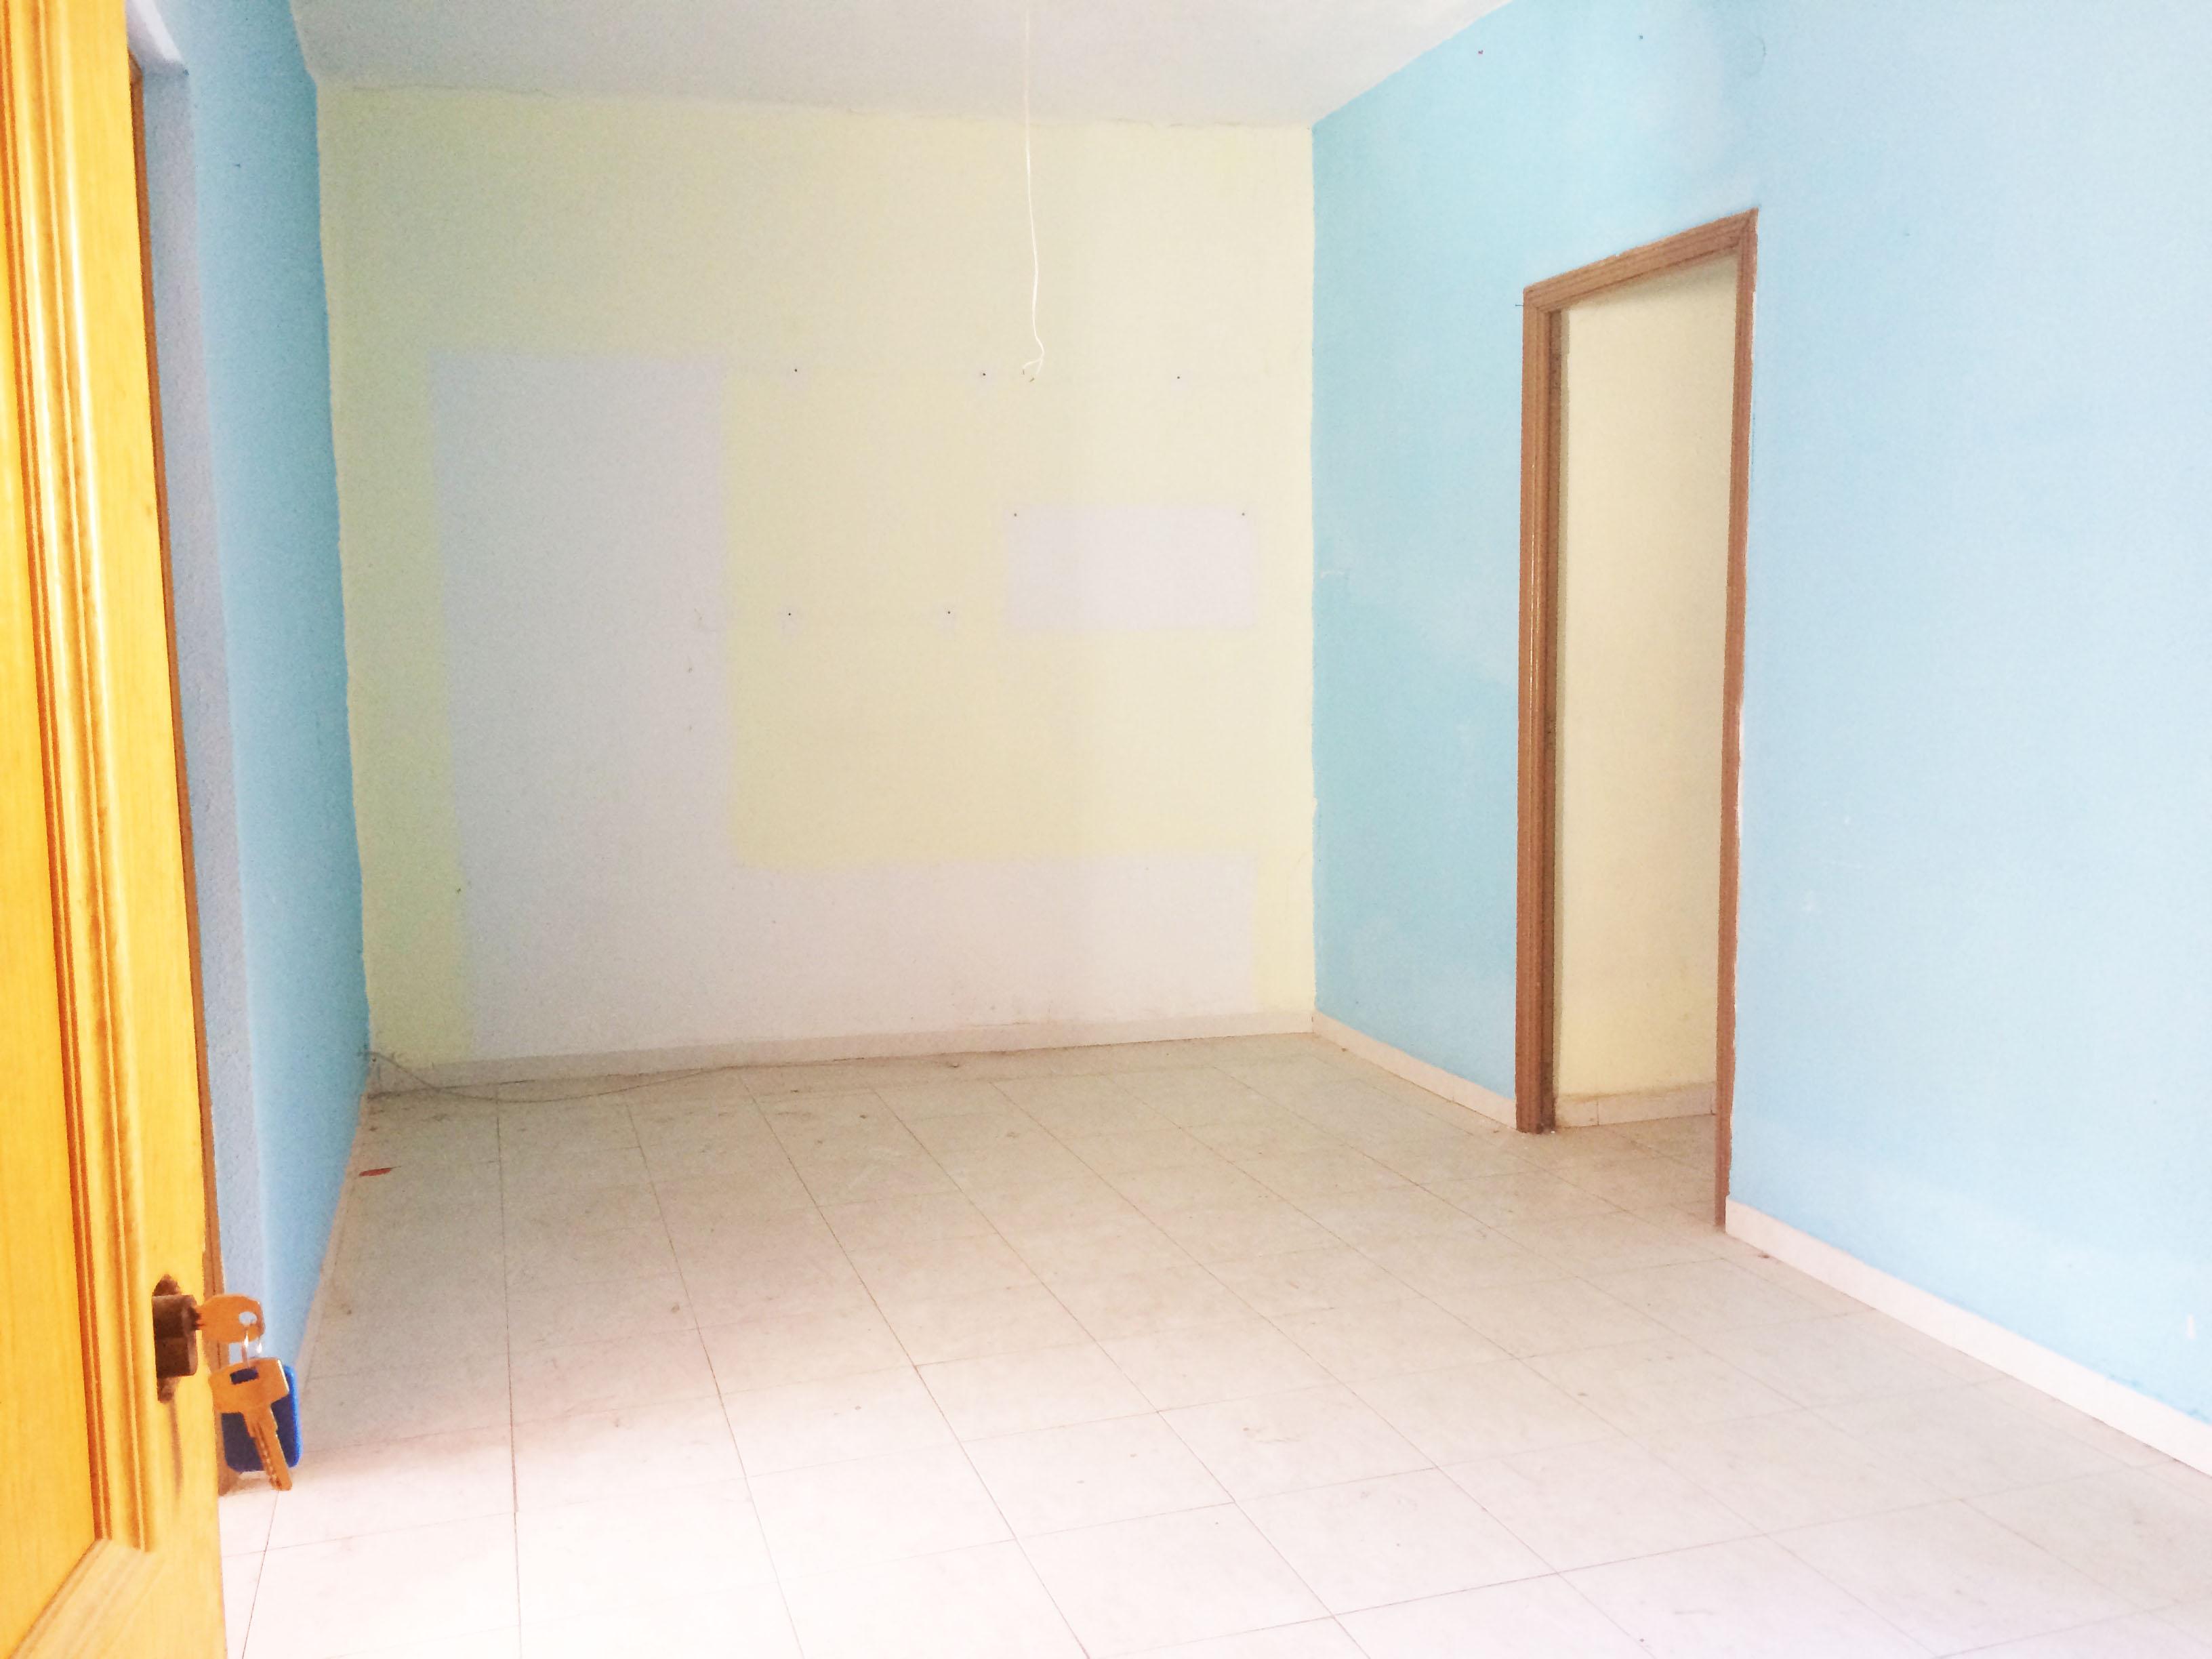 Piso en venta para reforma total en burriana invenio for Reforma total de un piso